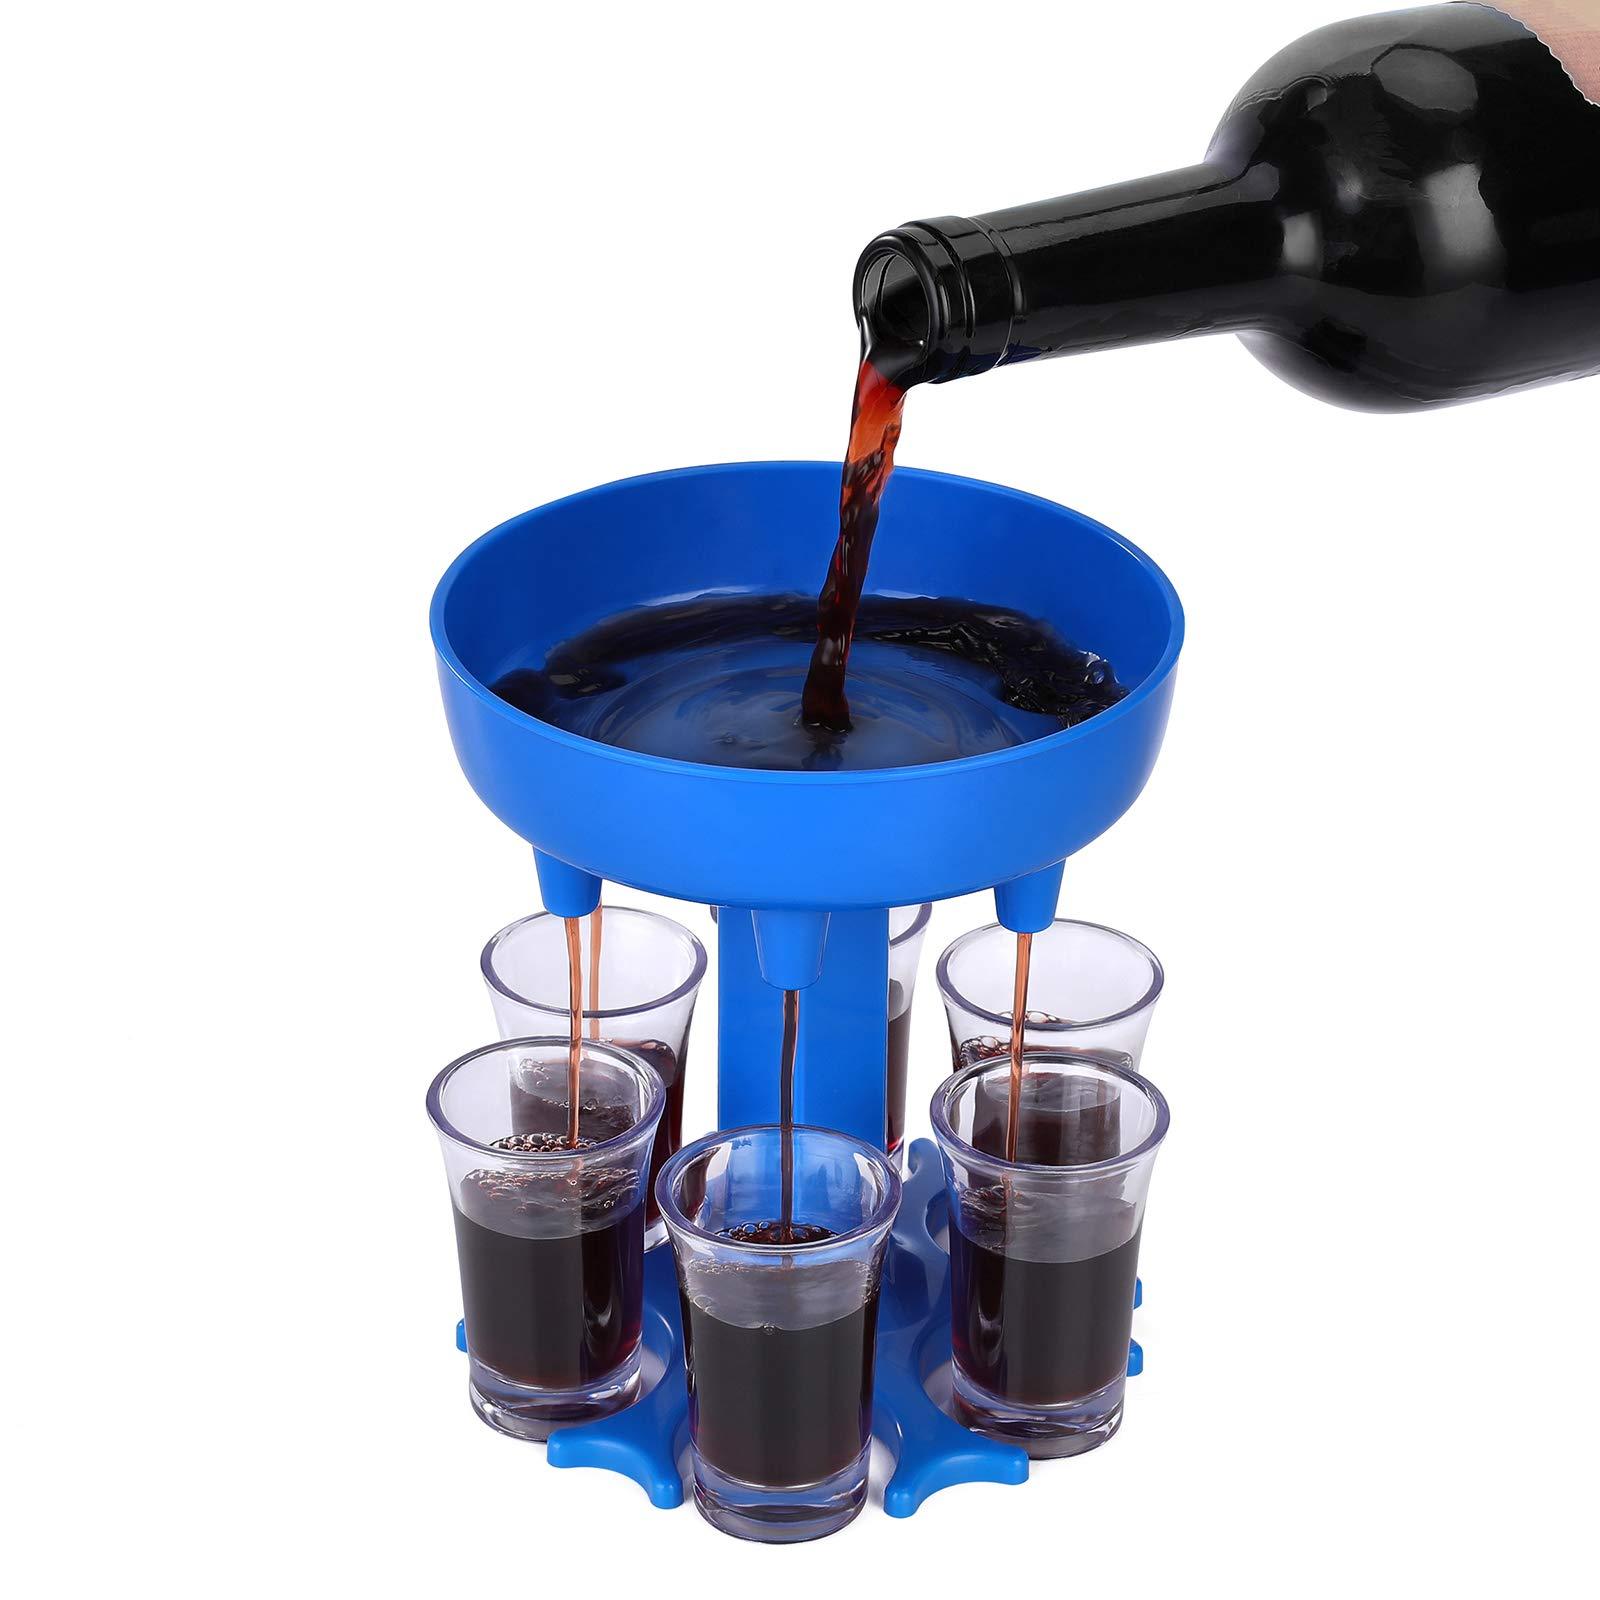 Phetium Shot Glass Dispenser6 Shot Glass Dispenser (Including 6 Glasses) for Red